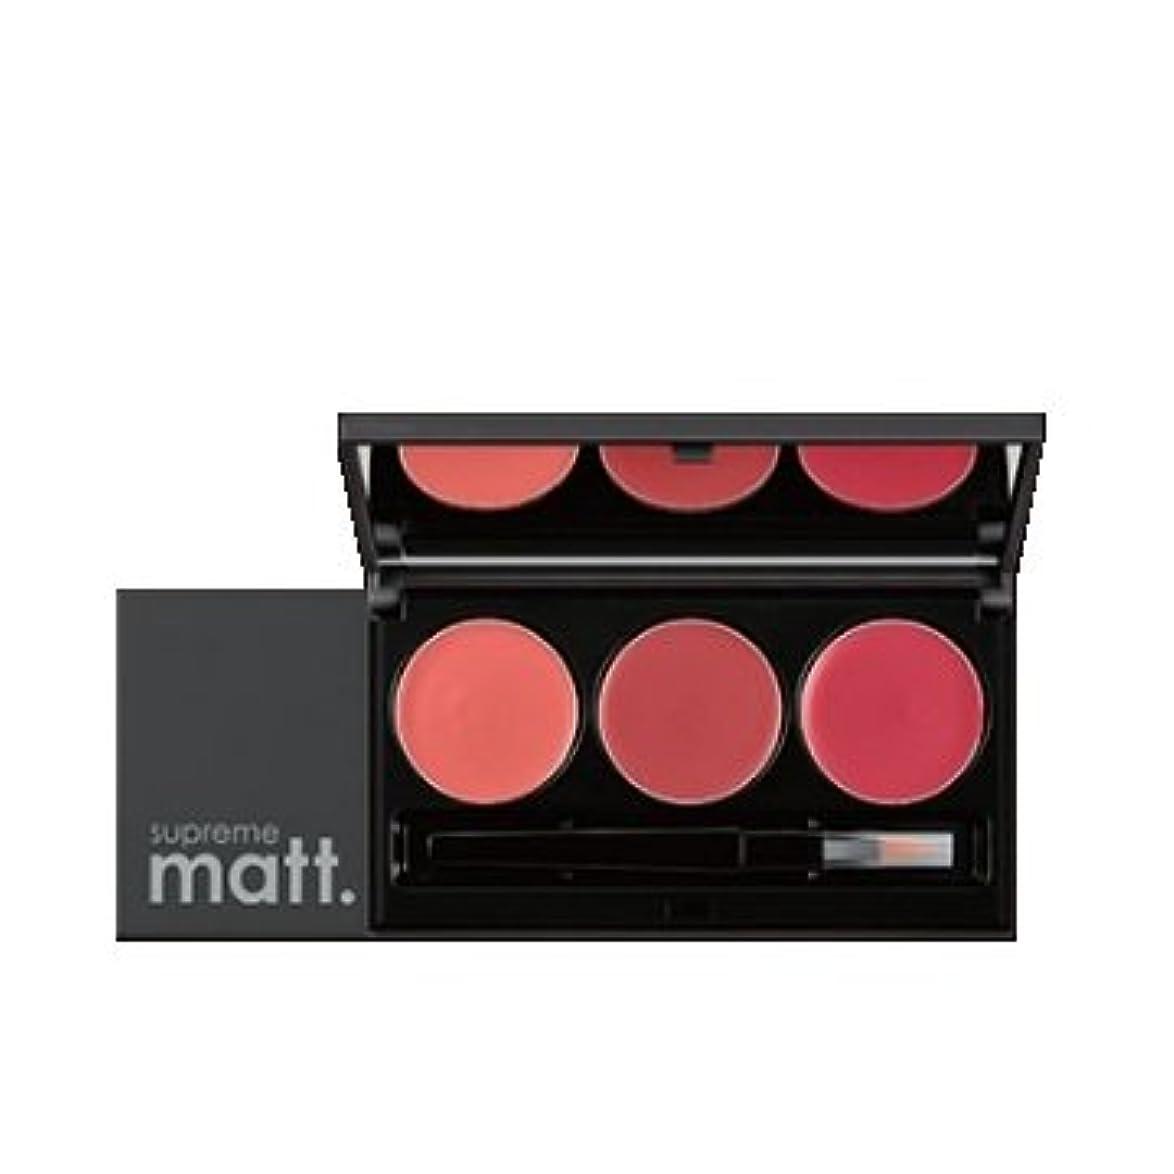 セイはさておき災害微視的[サンプル] MISSHA Supreme Matt Lip Rouge Lip Palette / ミシャ シュープリームマットリップルージュリップパレット [並行輸入品]